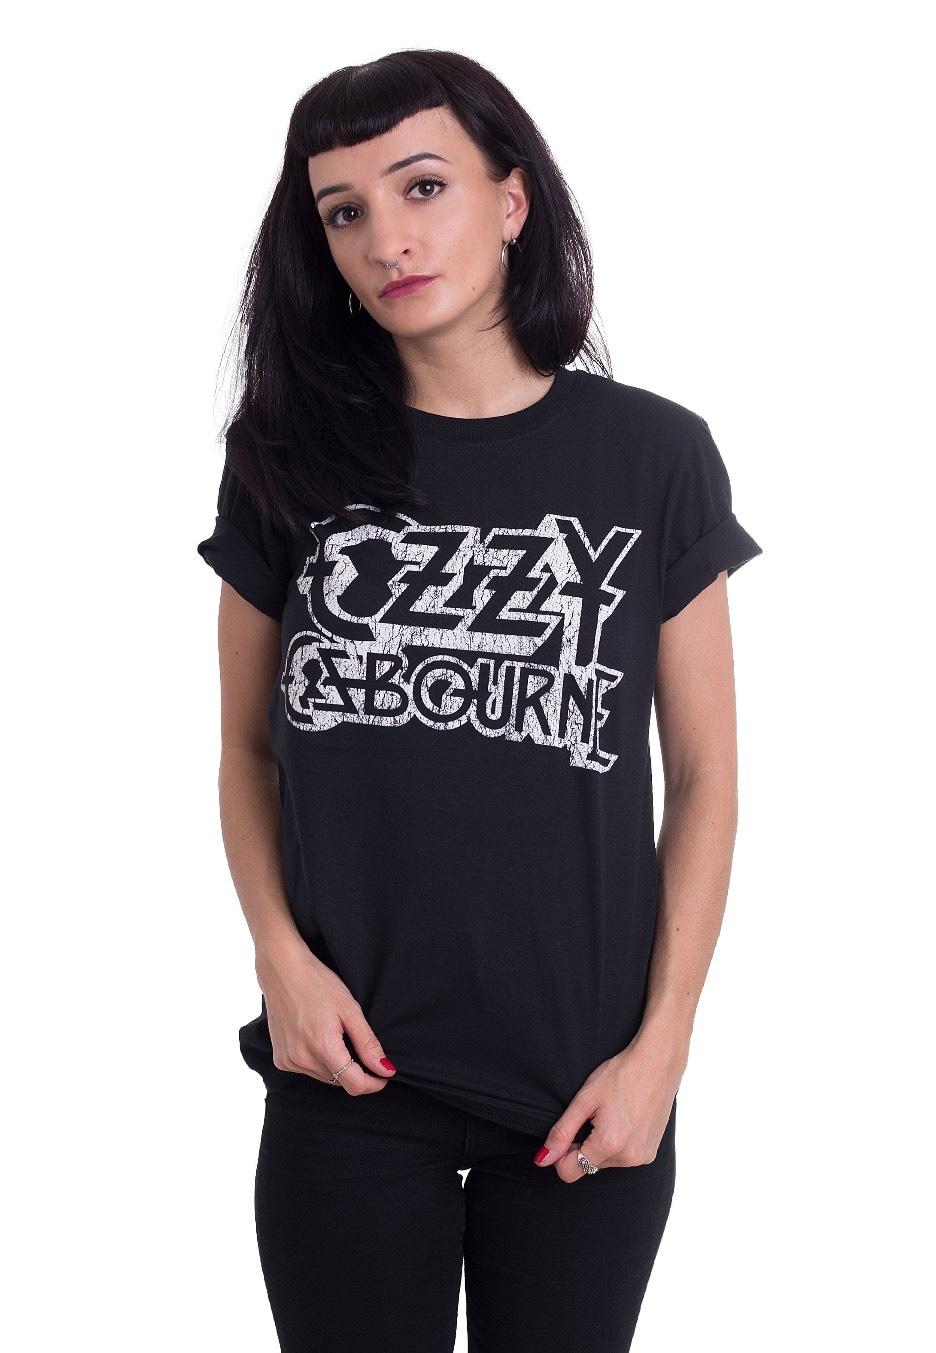 c3999322e Ozzy Osbourne - Vintage Logo - T-Shirt - Official Hard Rock Merchandise Shop  - Impericon.com UK